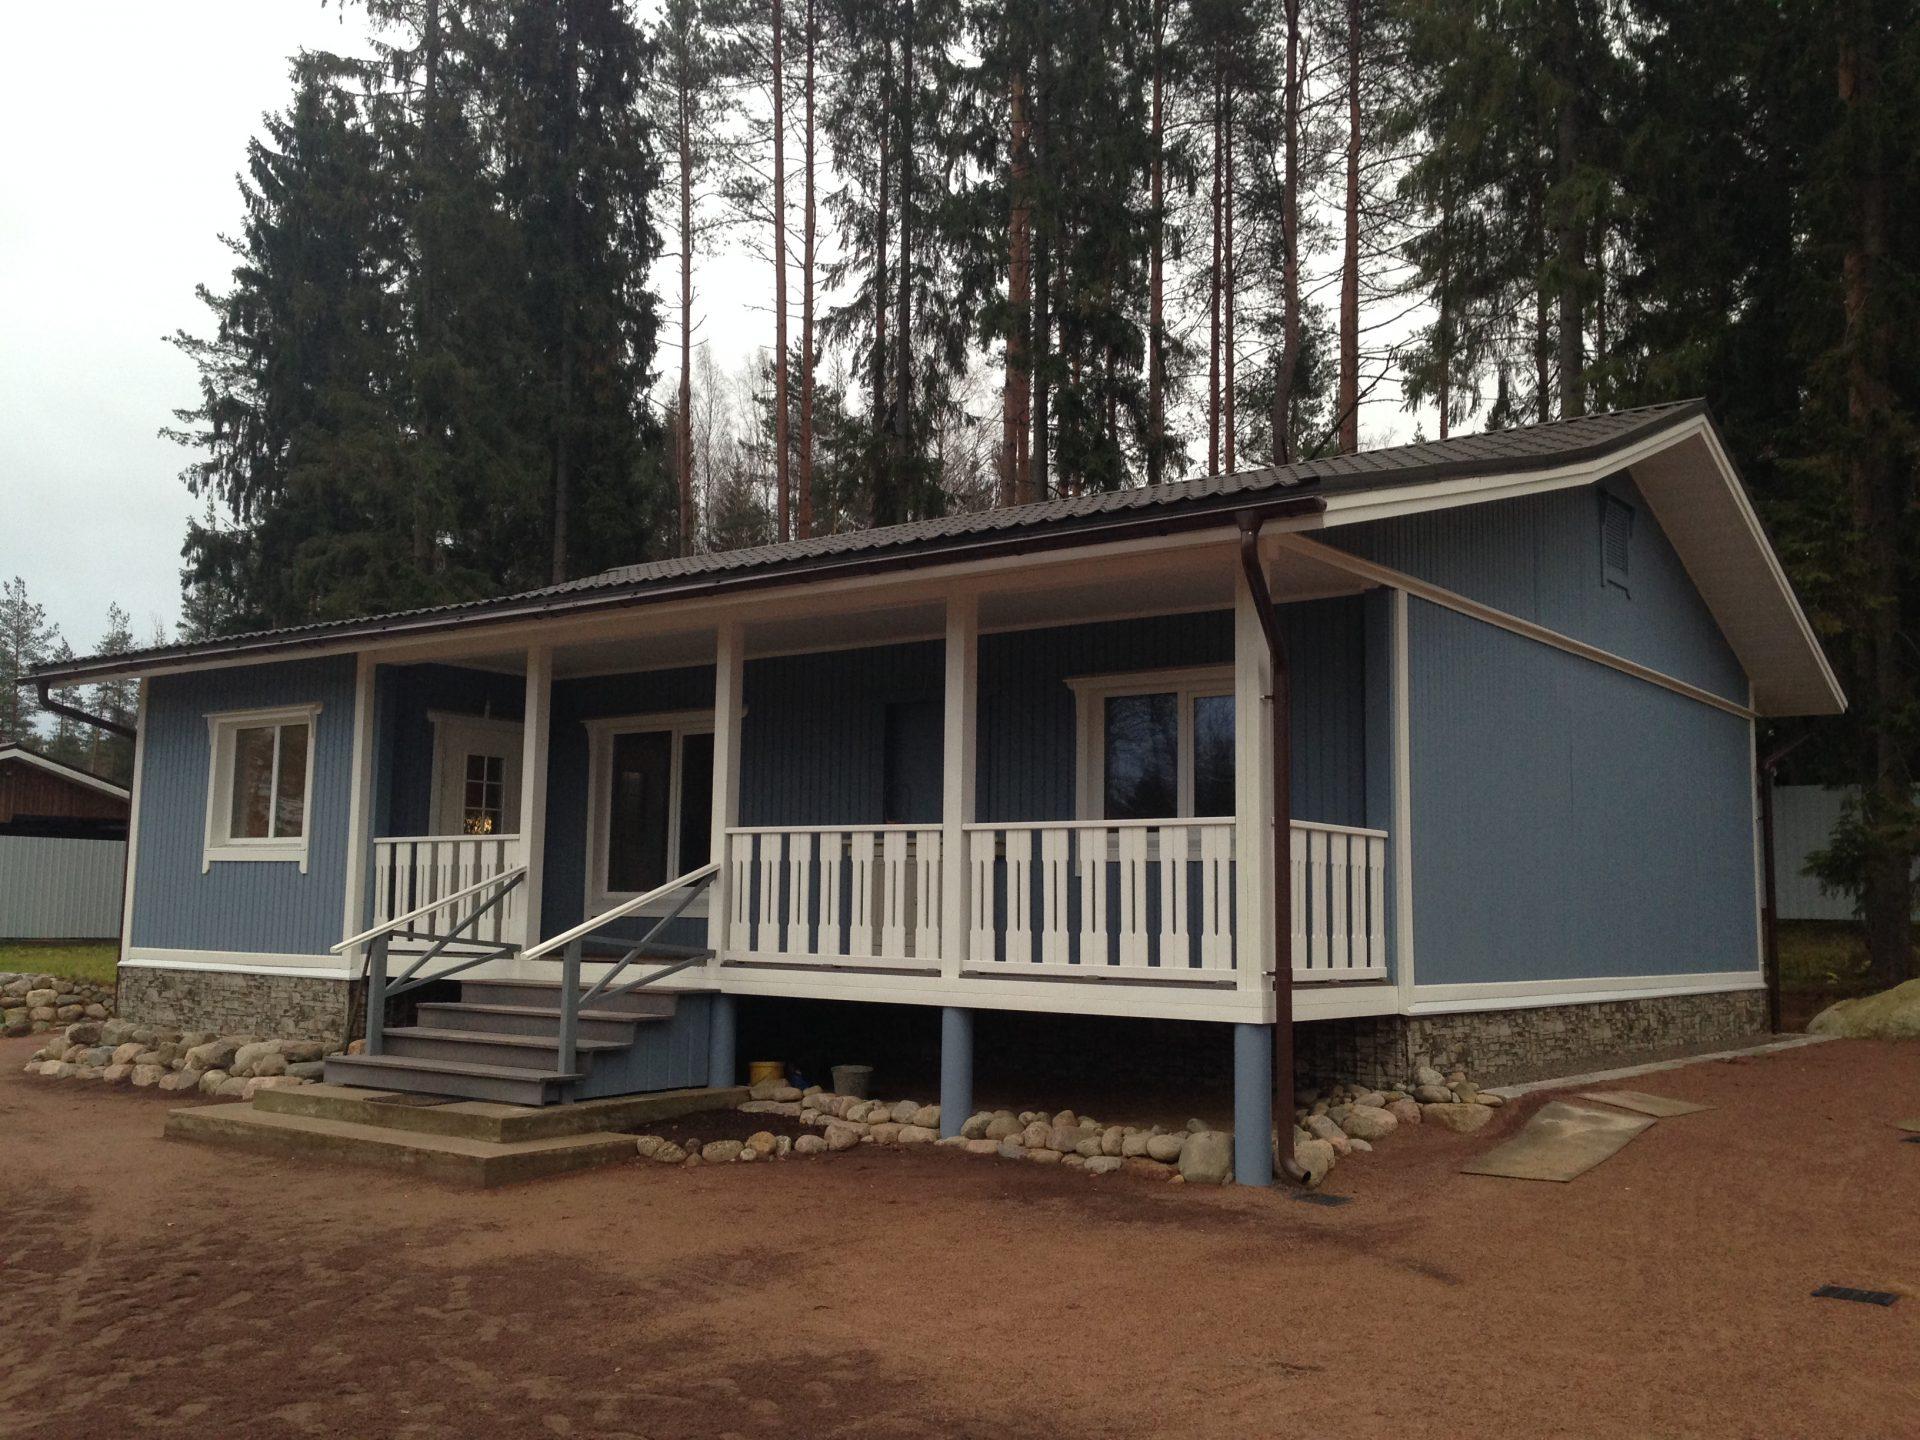 Продается новый жилой дом 120м2, уч. 17 сот со своим прудом с карасями